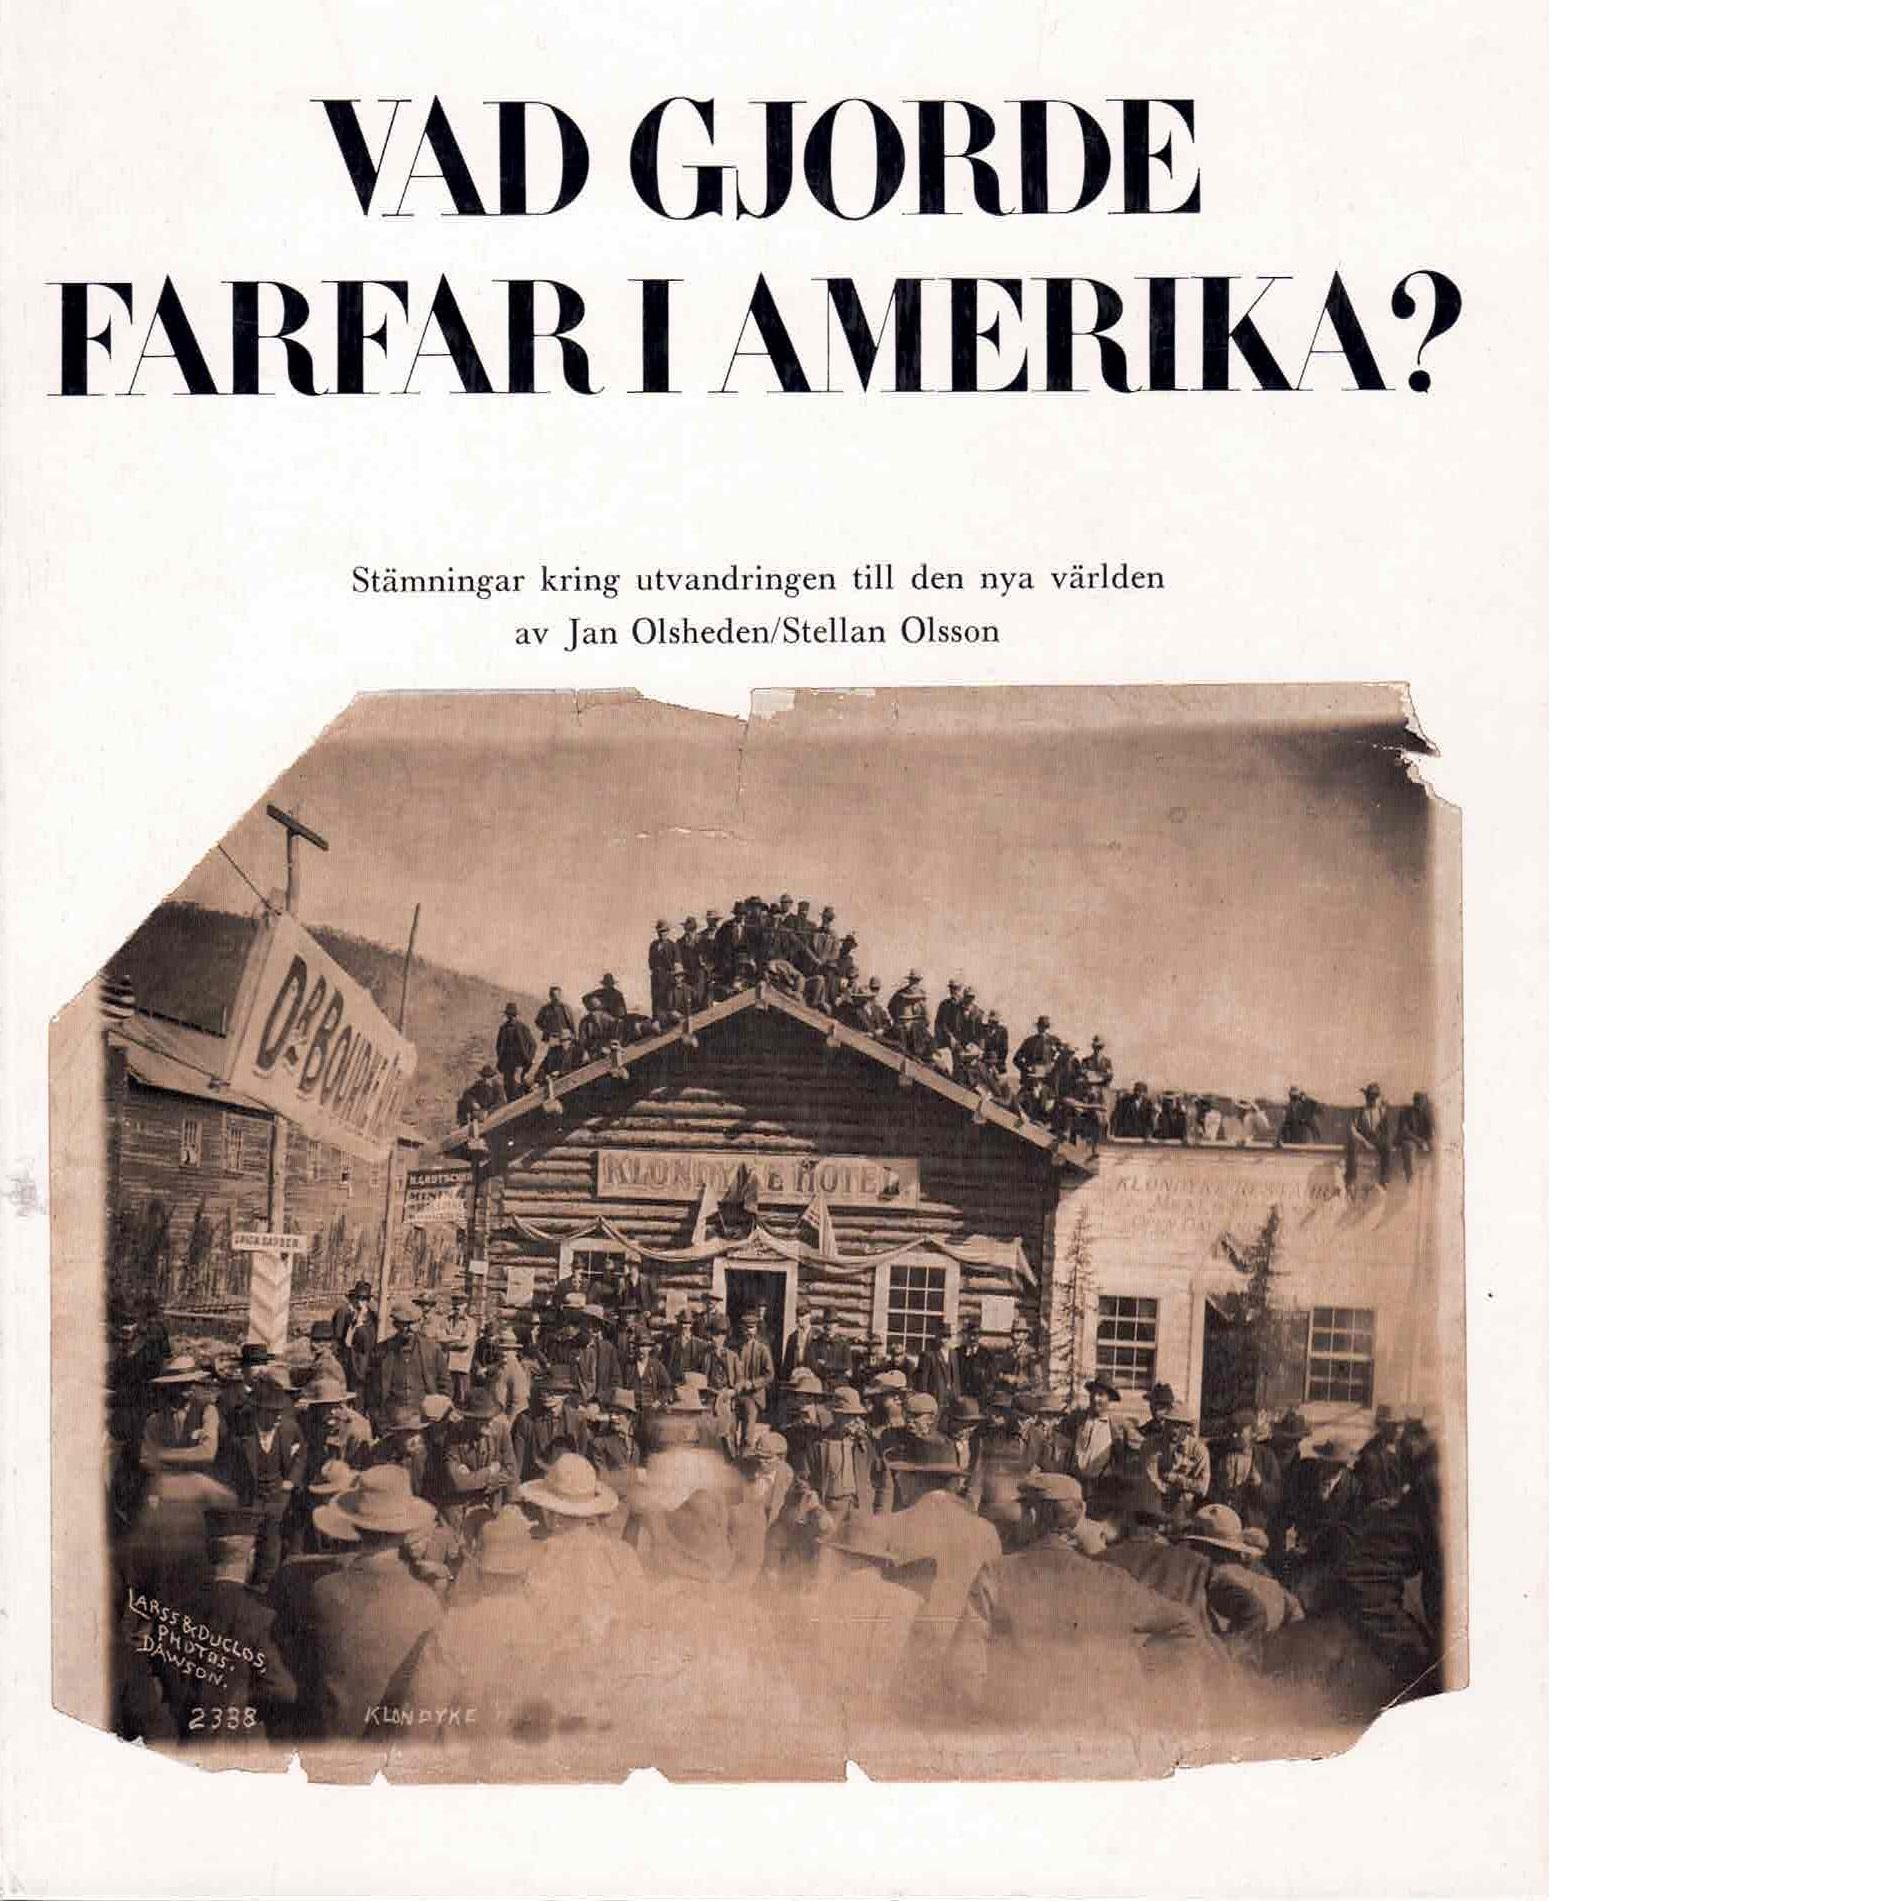 Vad gjorde farfar i Amerika? : stämningar kring utvandringen till den nya världen - Red.